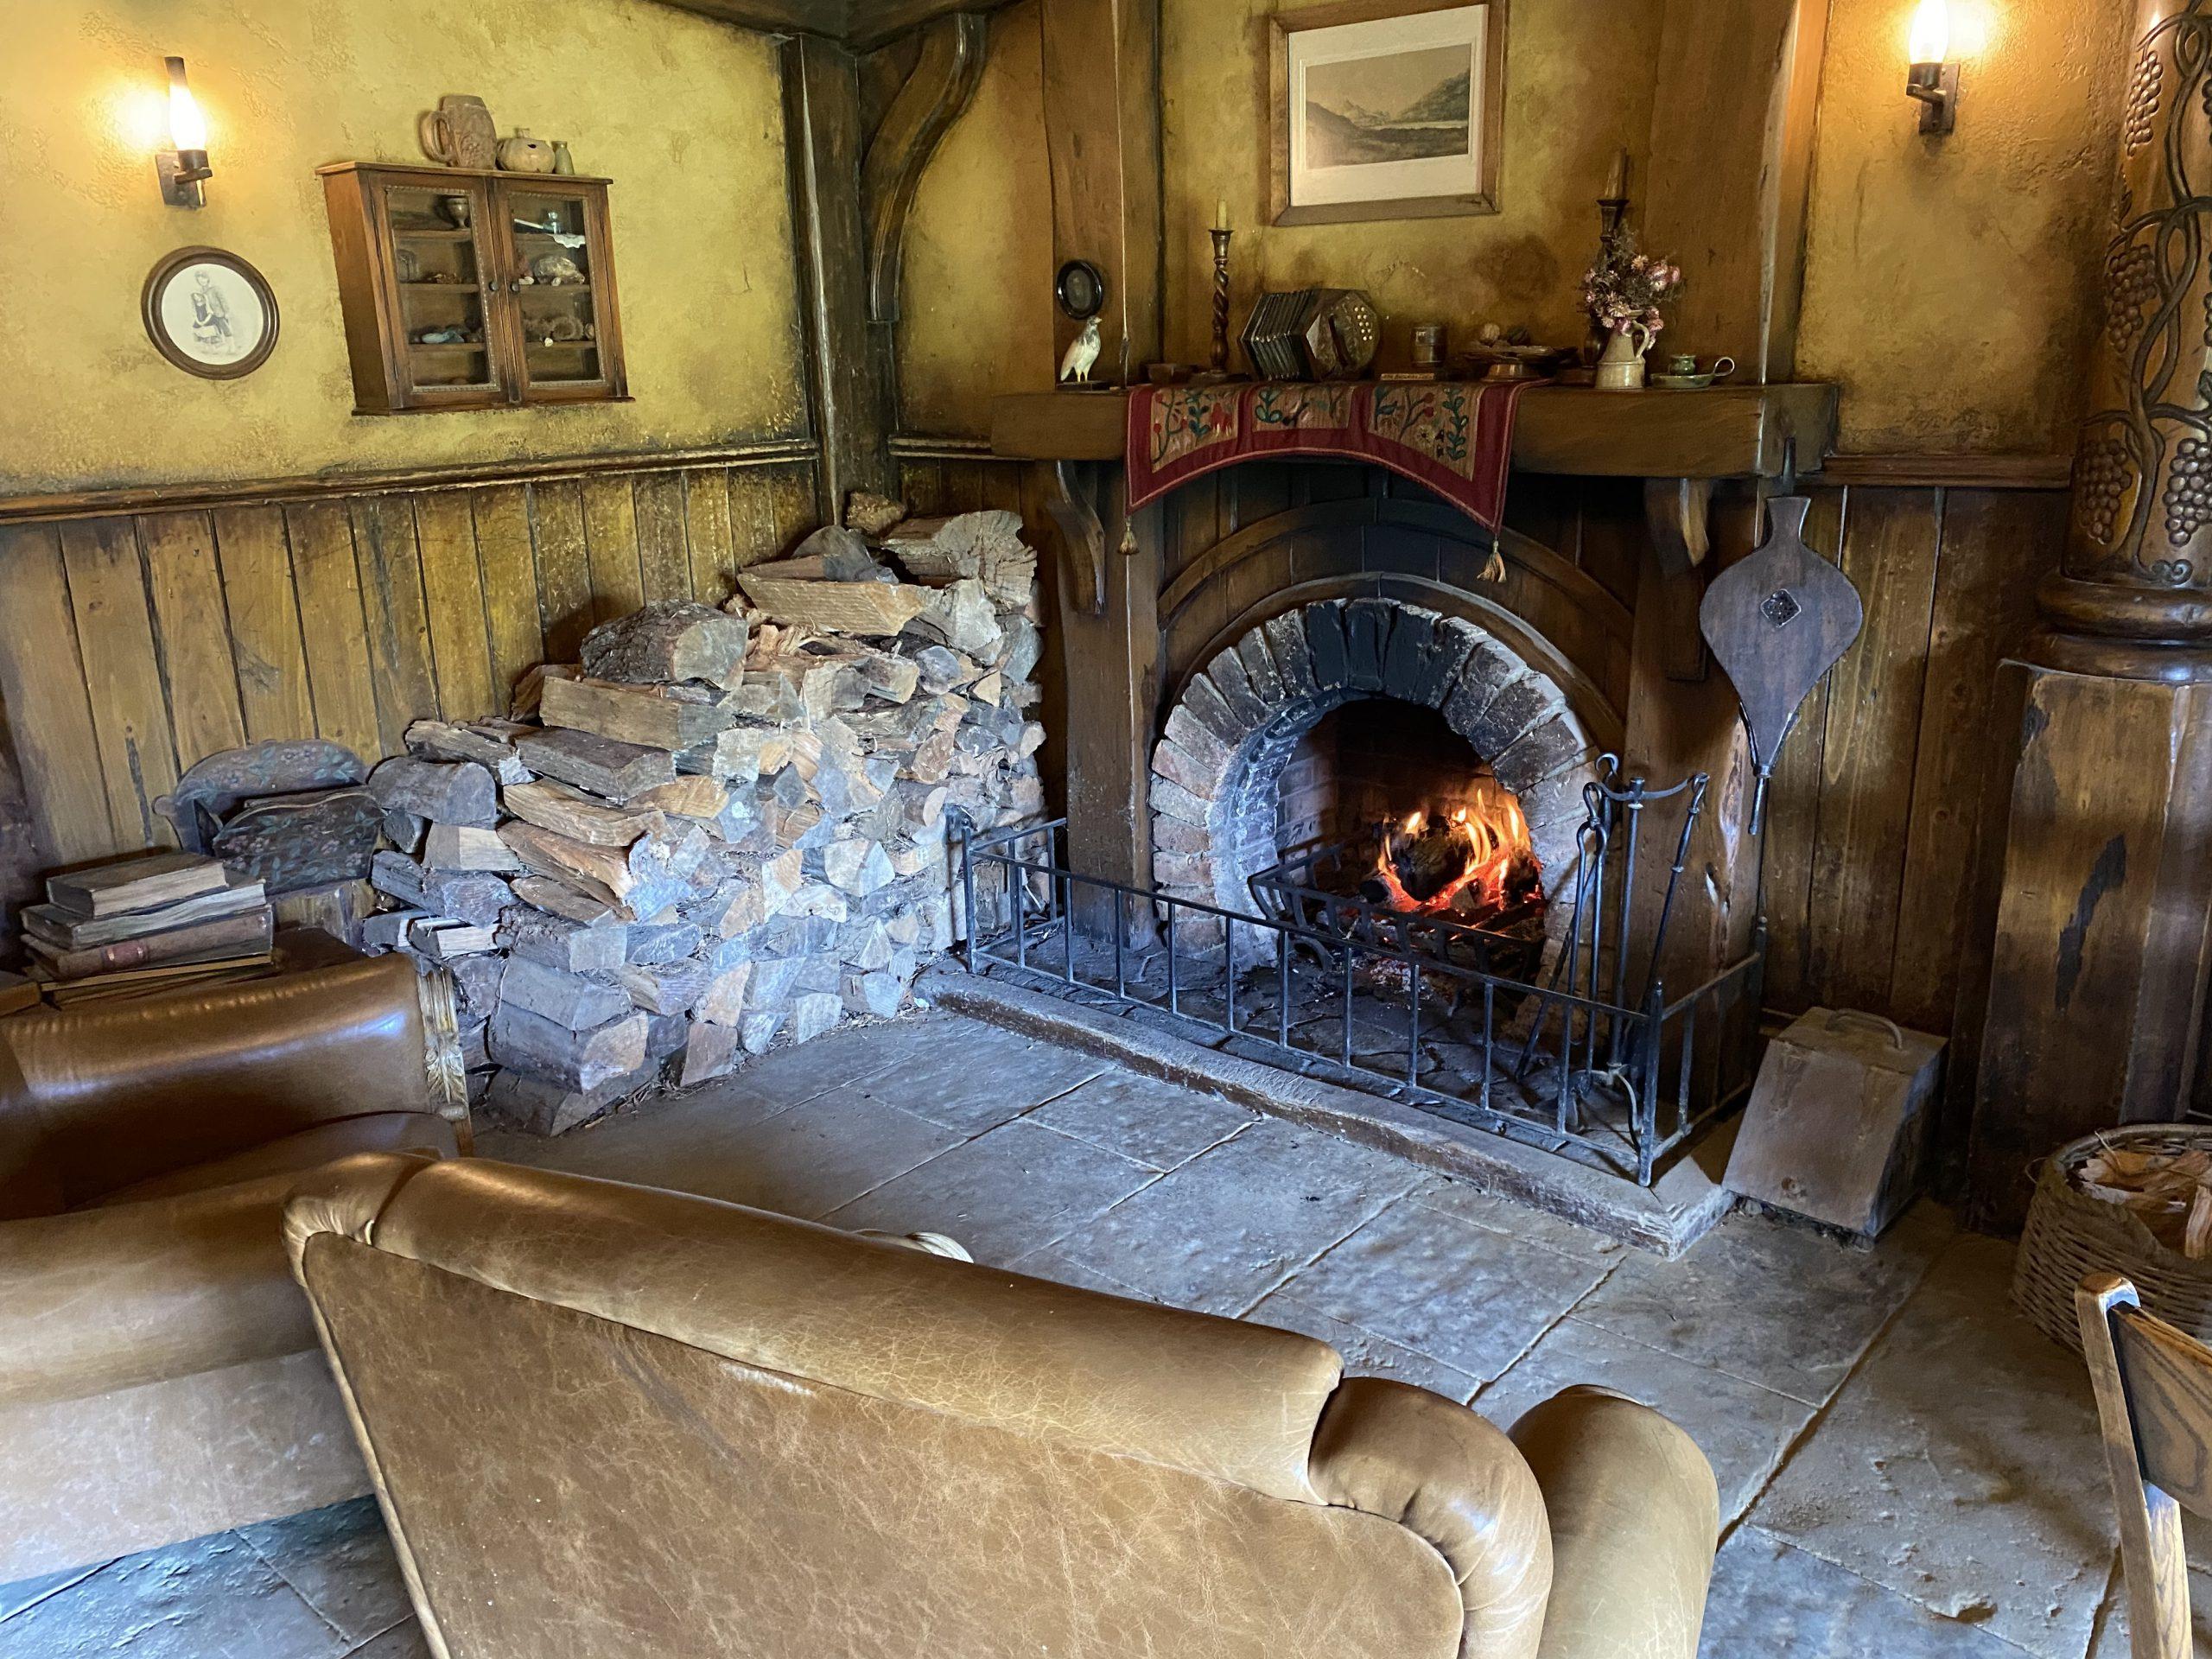 Real Log Fires at The Green Dragon Inn, Hobbiton Movie Set